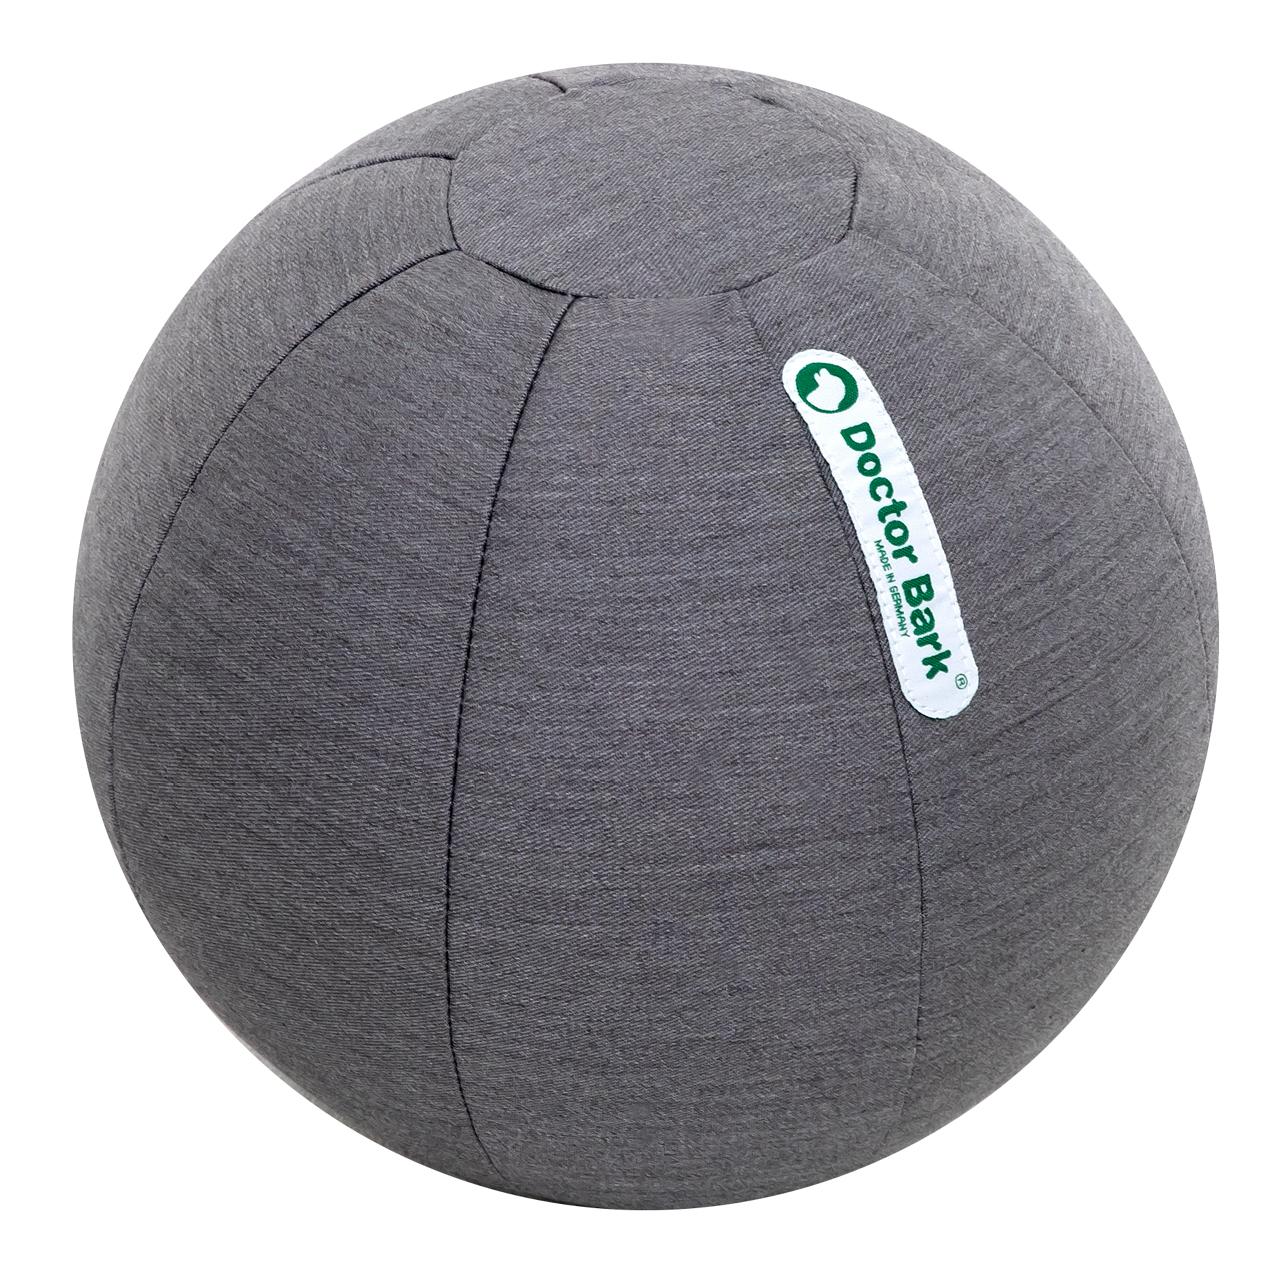 Toy Ball S grau